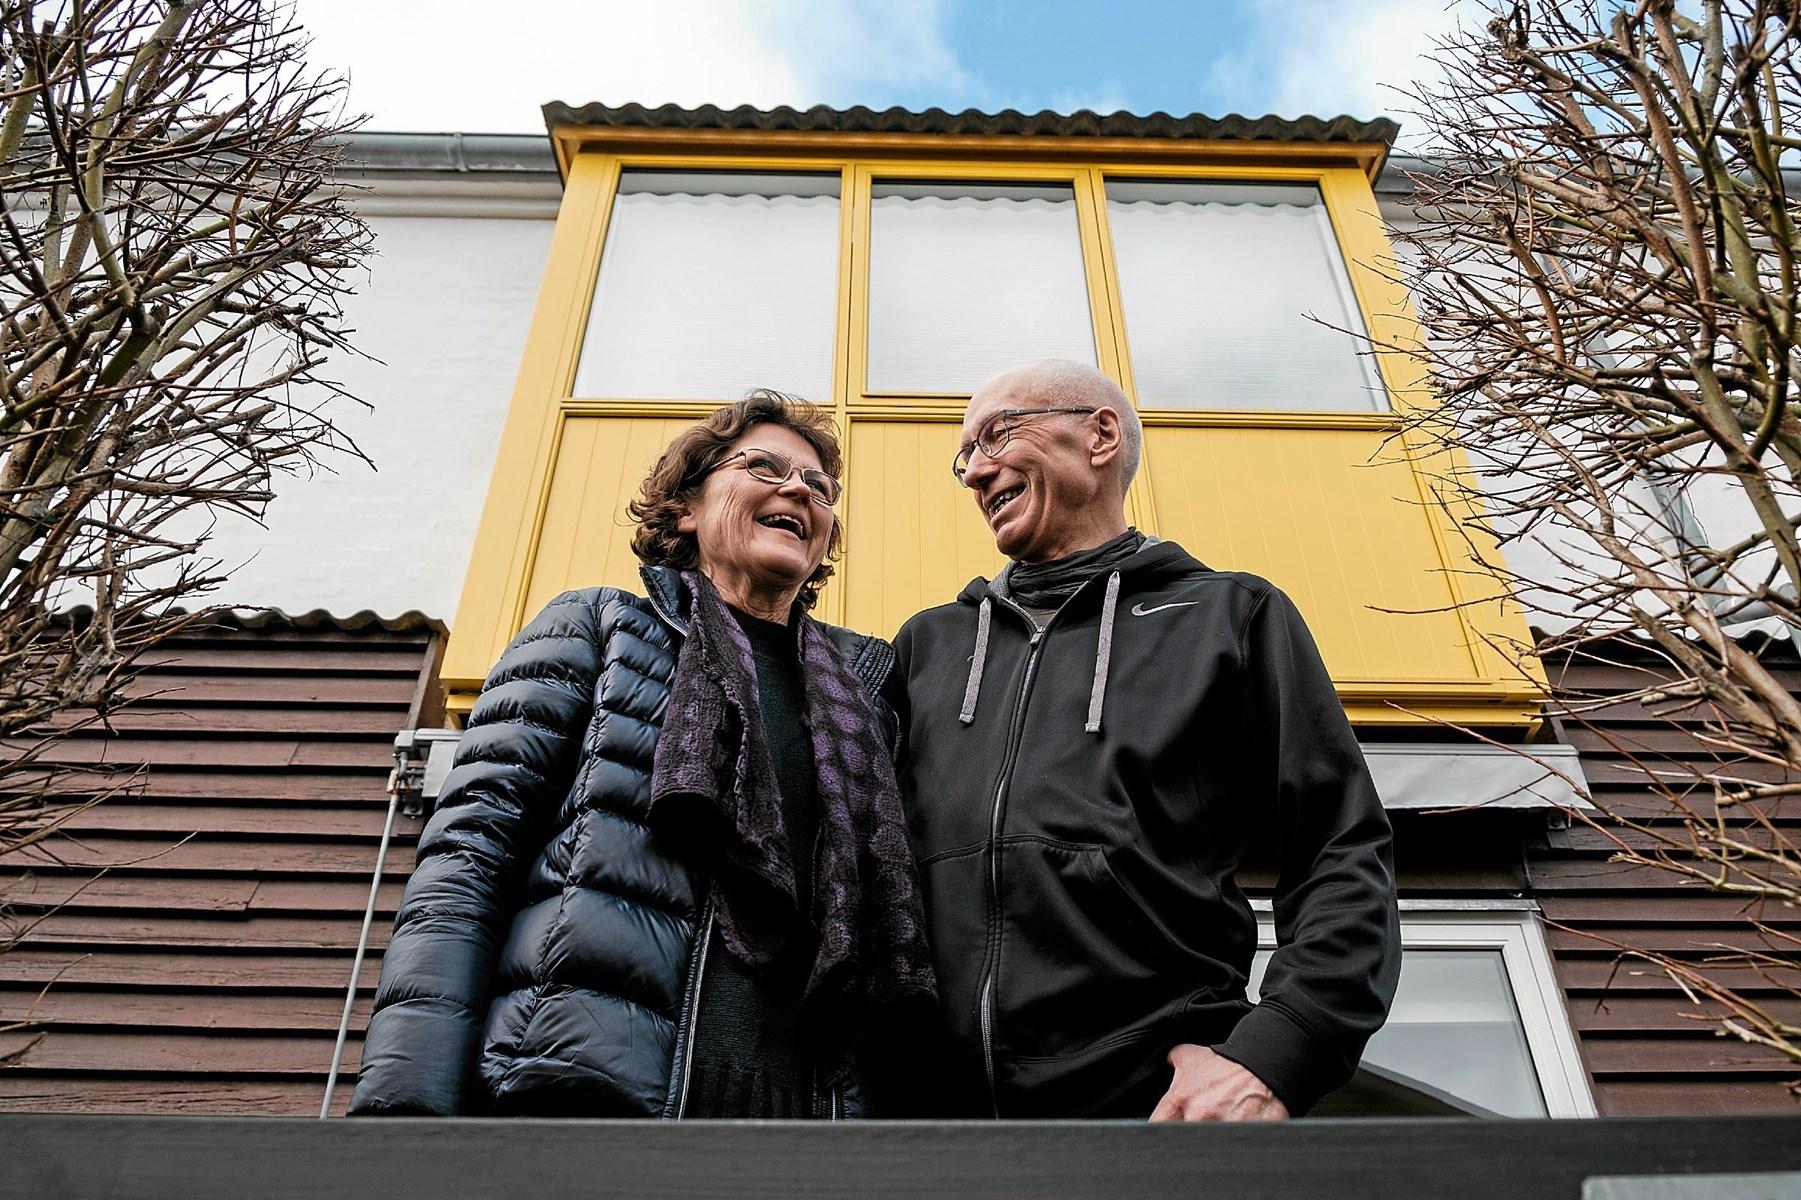 Vibeke og Jens, der skiftede det store hus ud med boligen i Vejgaard Bymidte. Parret har købt dette hus i Bymidten.